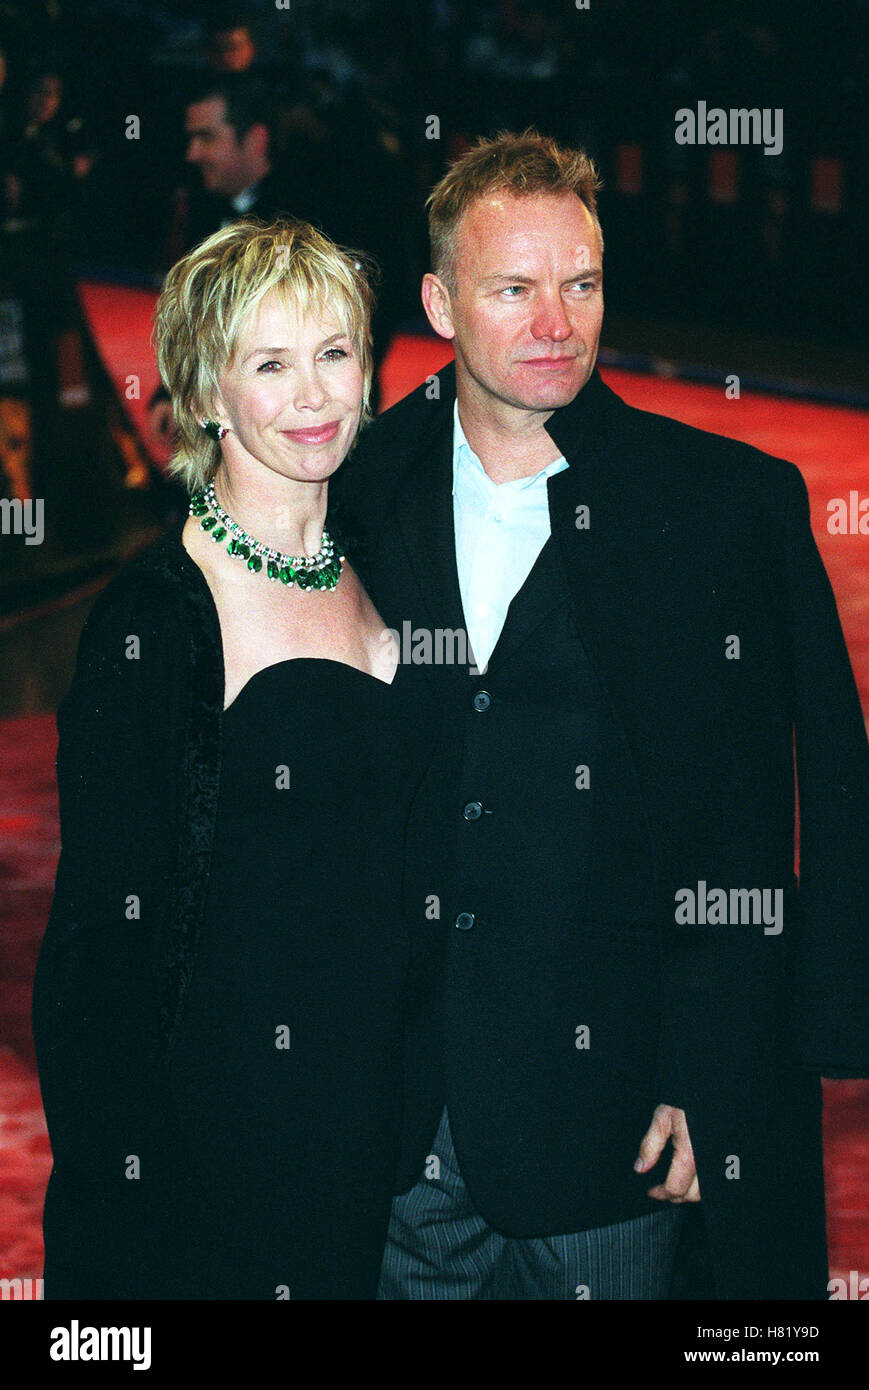 STING y TRUDIE STYLER BAFTA FILM premios Bafta Film Awards de Londres, Inglaterra el 24 de febrero de 2002 Foto de stock